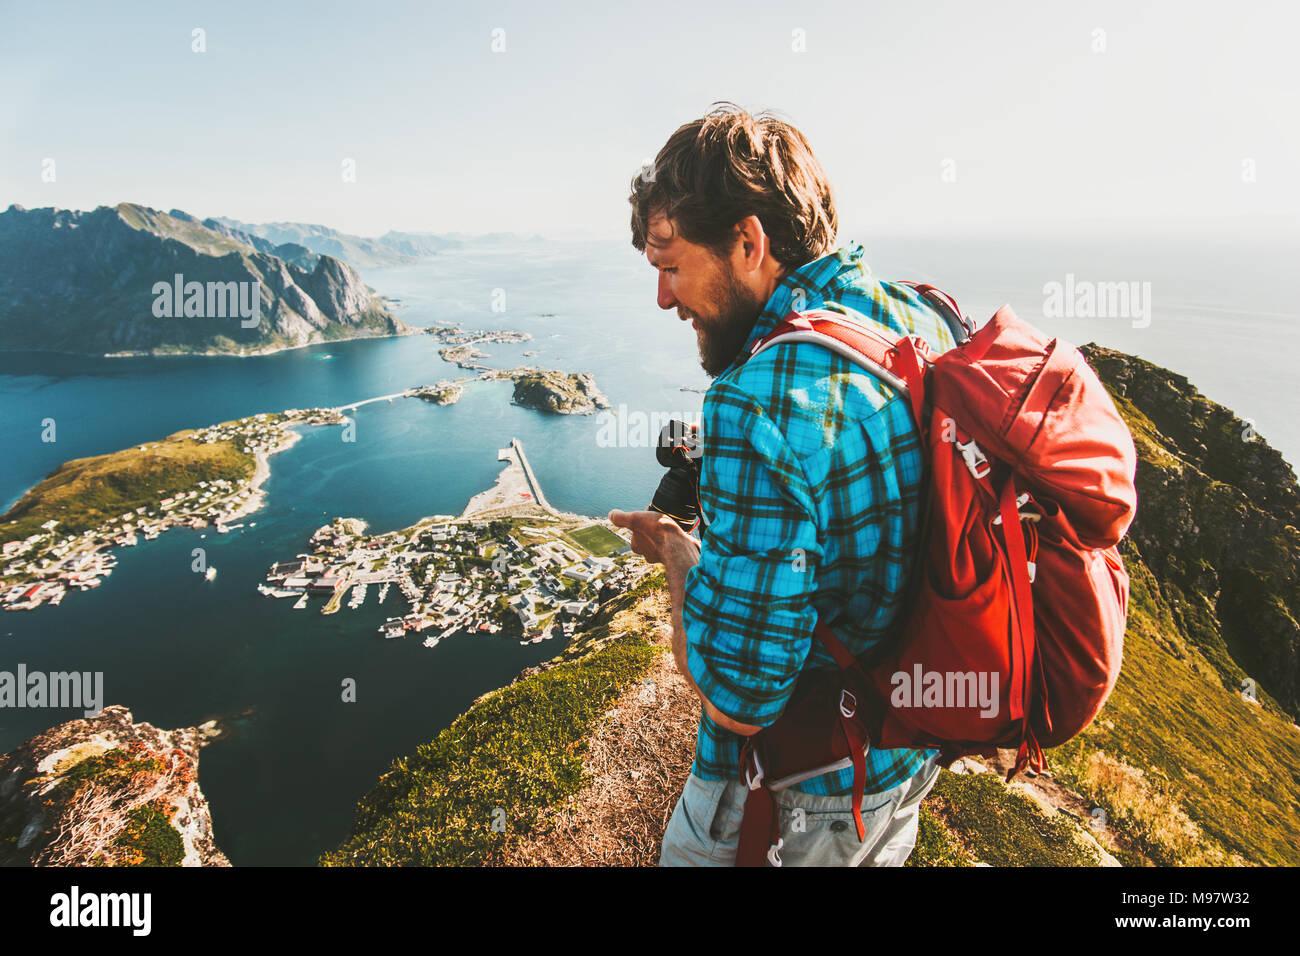 Mann Reisender mit Rucksack und Fotoapparat Sehenswürdigkeiten Blick vom Reinebringen Berg in Norwegen lifestyle Abenteuer Reisen im Sommer vacati Stockbild